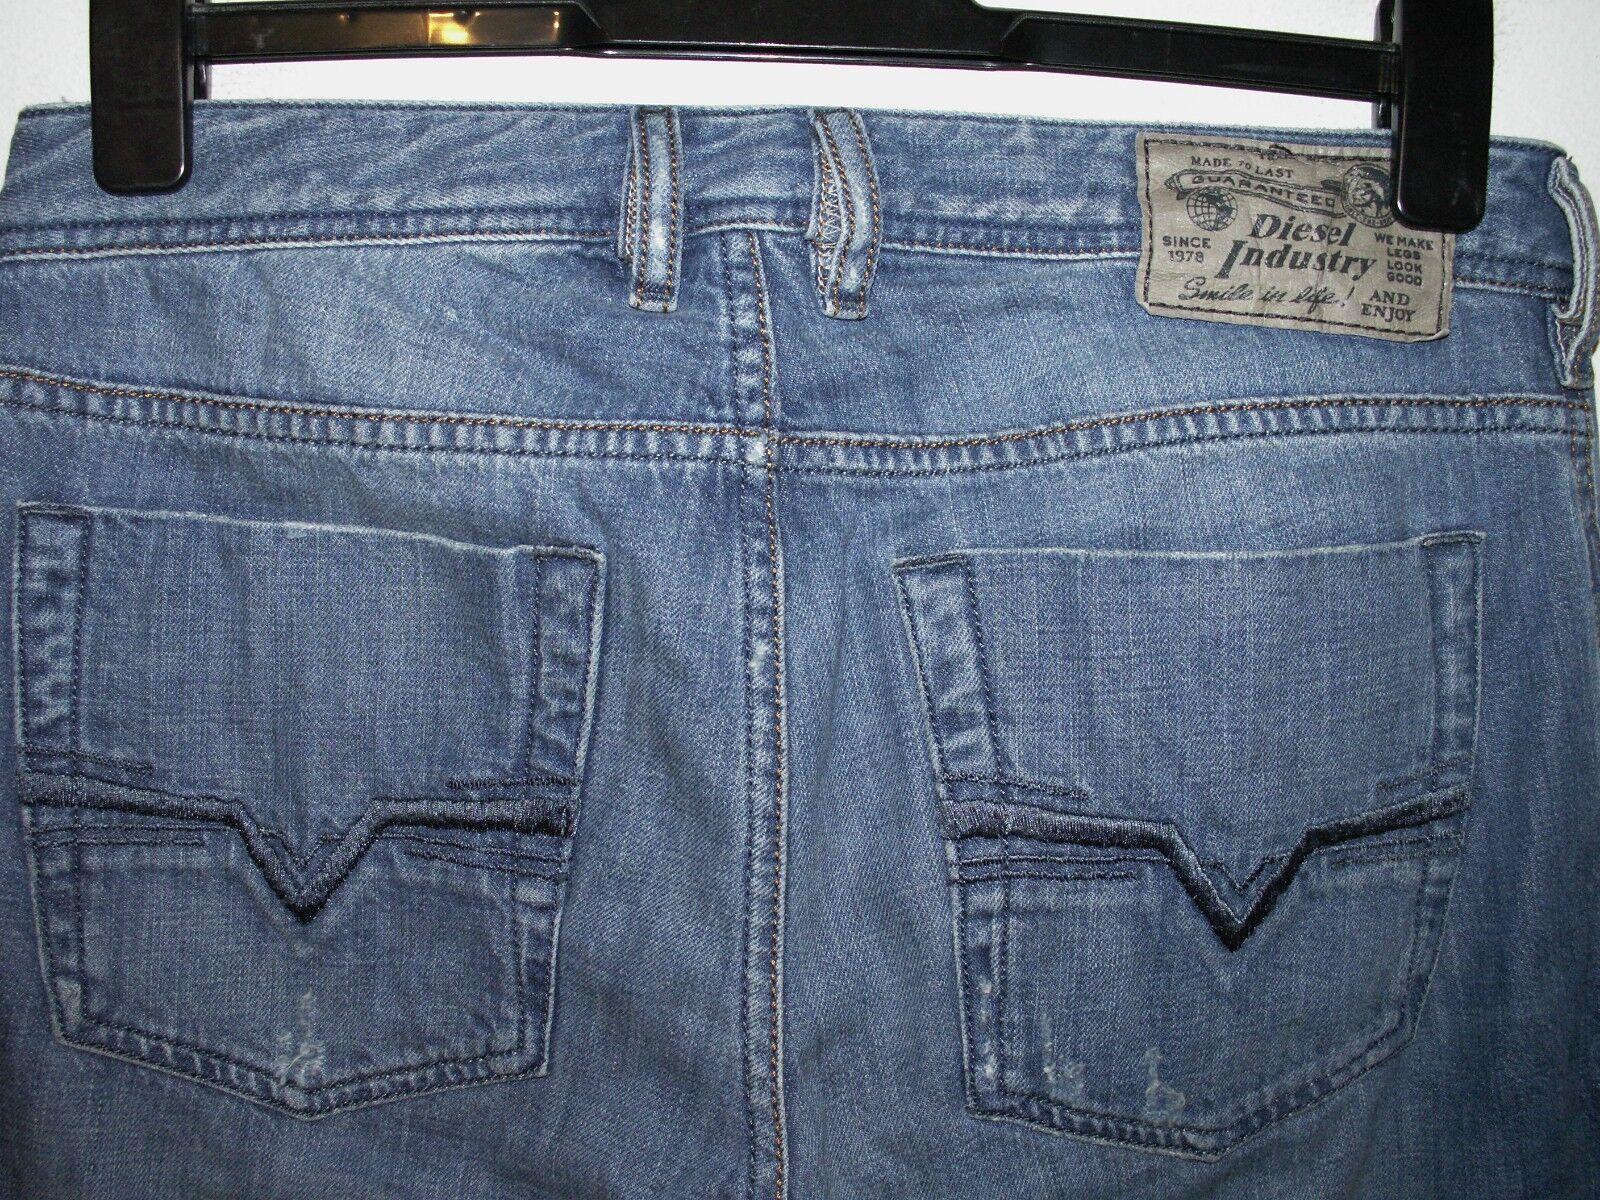 Diesel zathan bootcut jeans wash 008B6 W29 L32 (a3749)